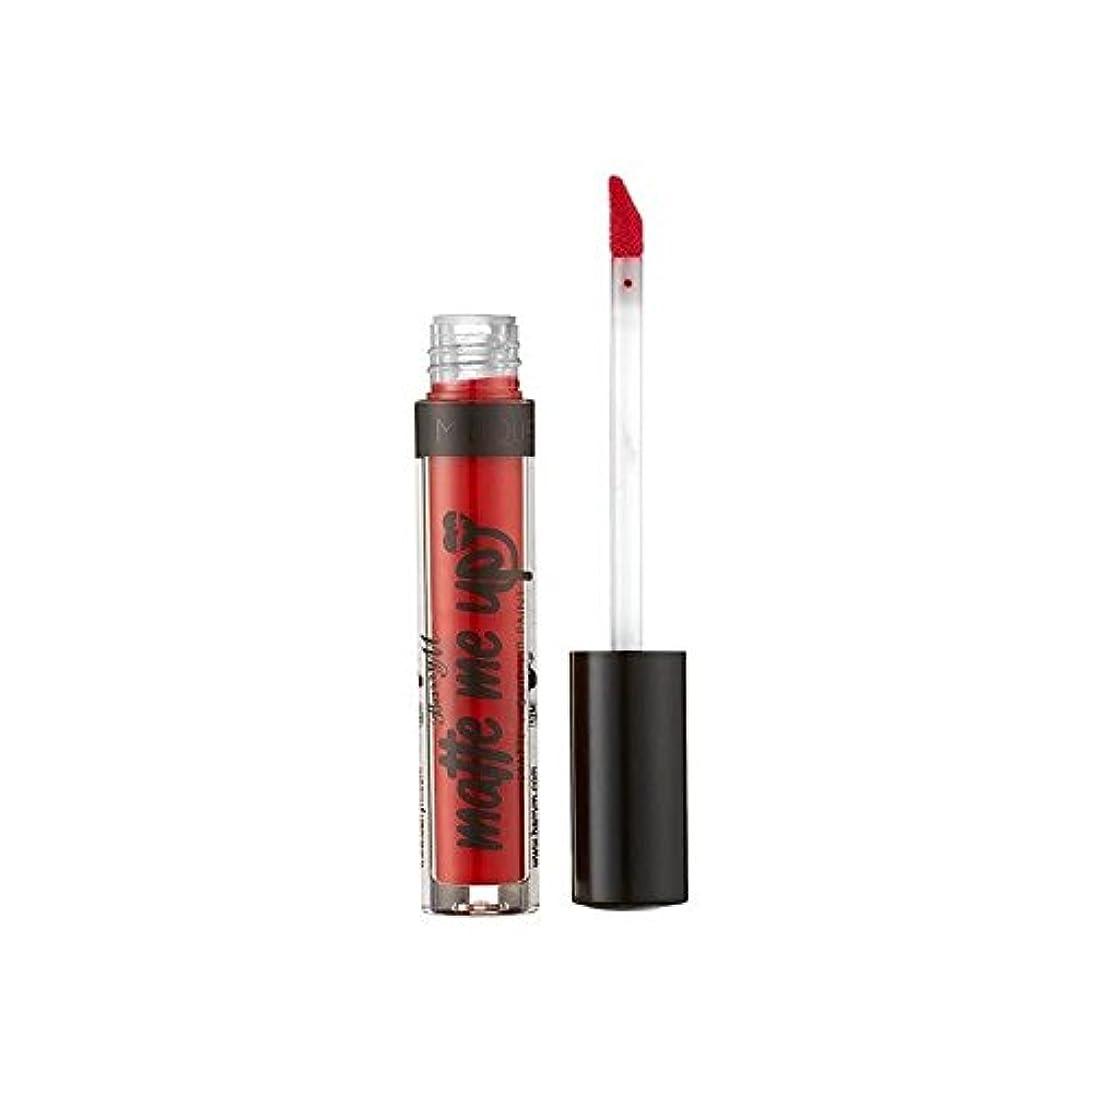 ベスト不正確グラマーBarry M Matte Me Up Liquid Lip Paint -Paparazzi Red - バリーは液体リップペイントを私をマット赤- [並行輸入品]